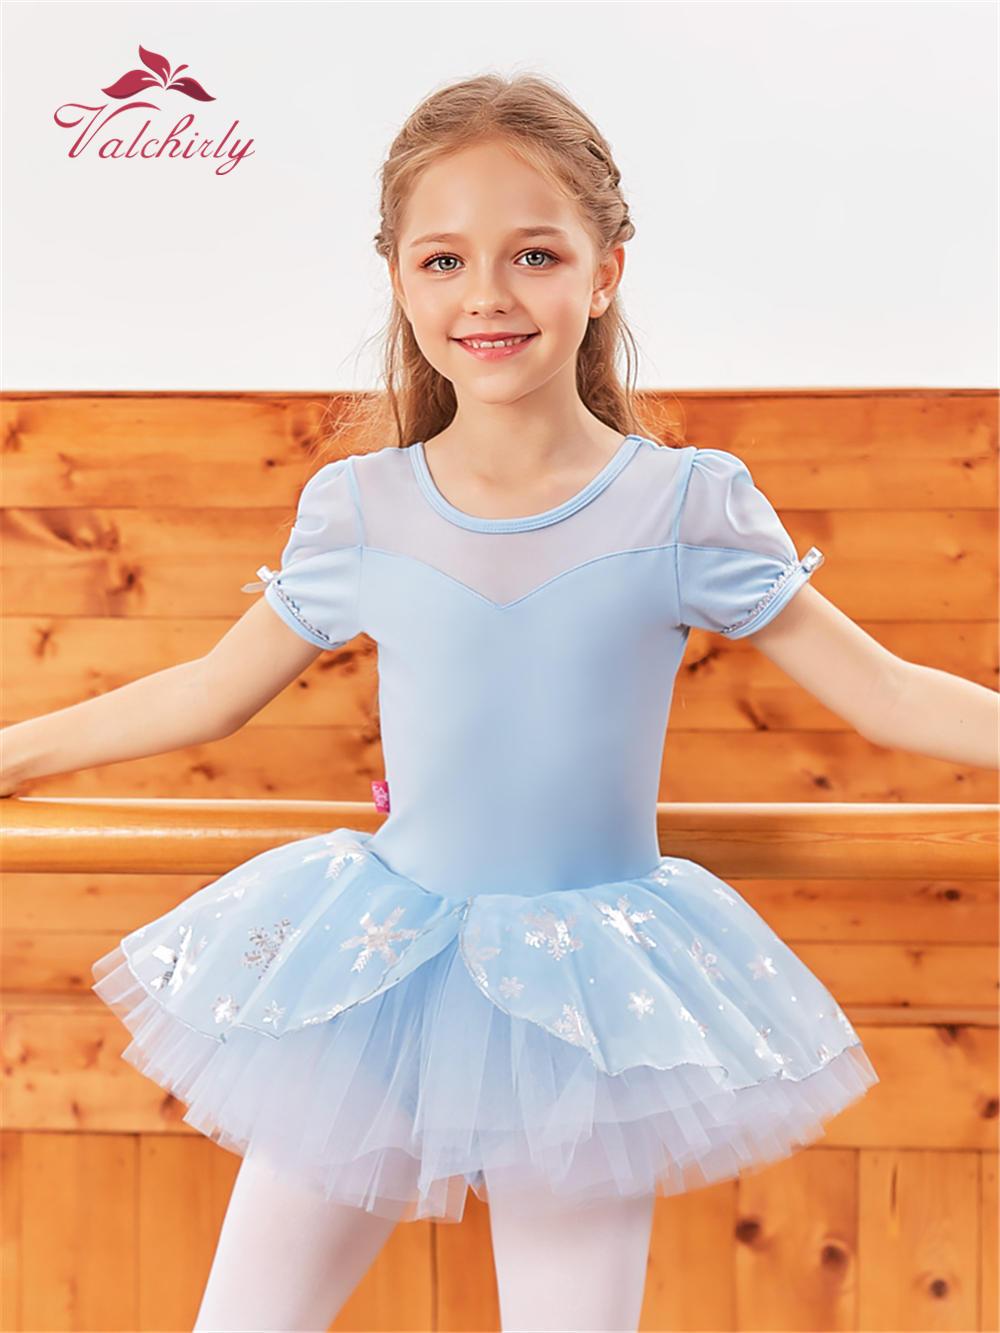 2020 Летнее Детское хлопковое танцевальное платье, одежда для тренировок для девочек, детская одежда для выступлений, балетная юбка|Балет| | АлиЭкспресс